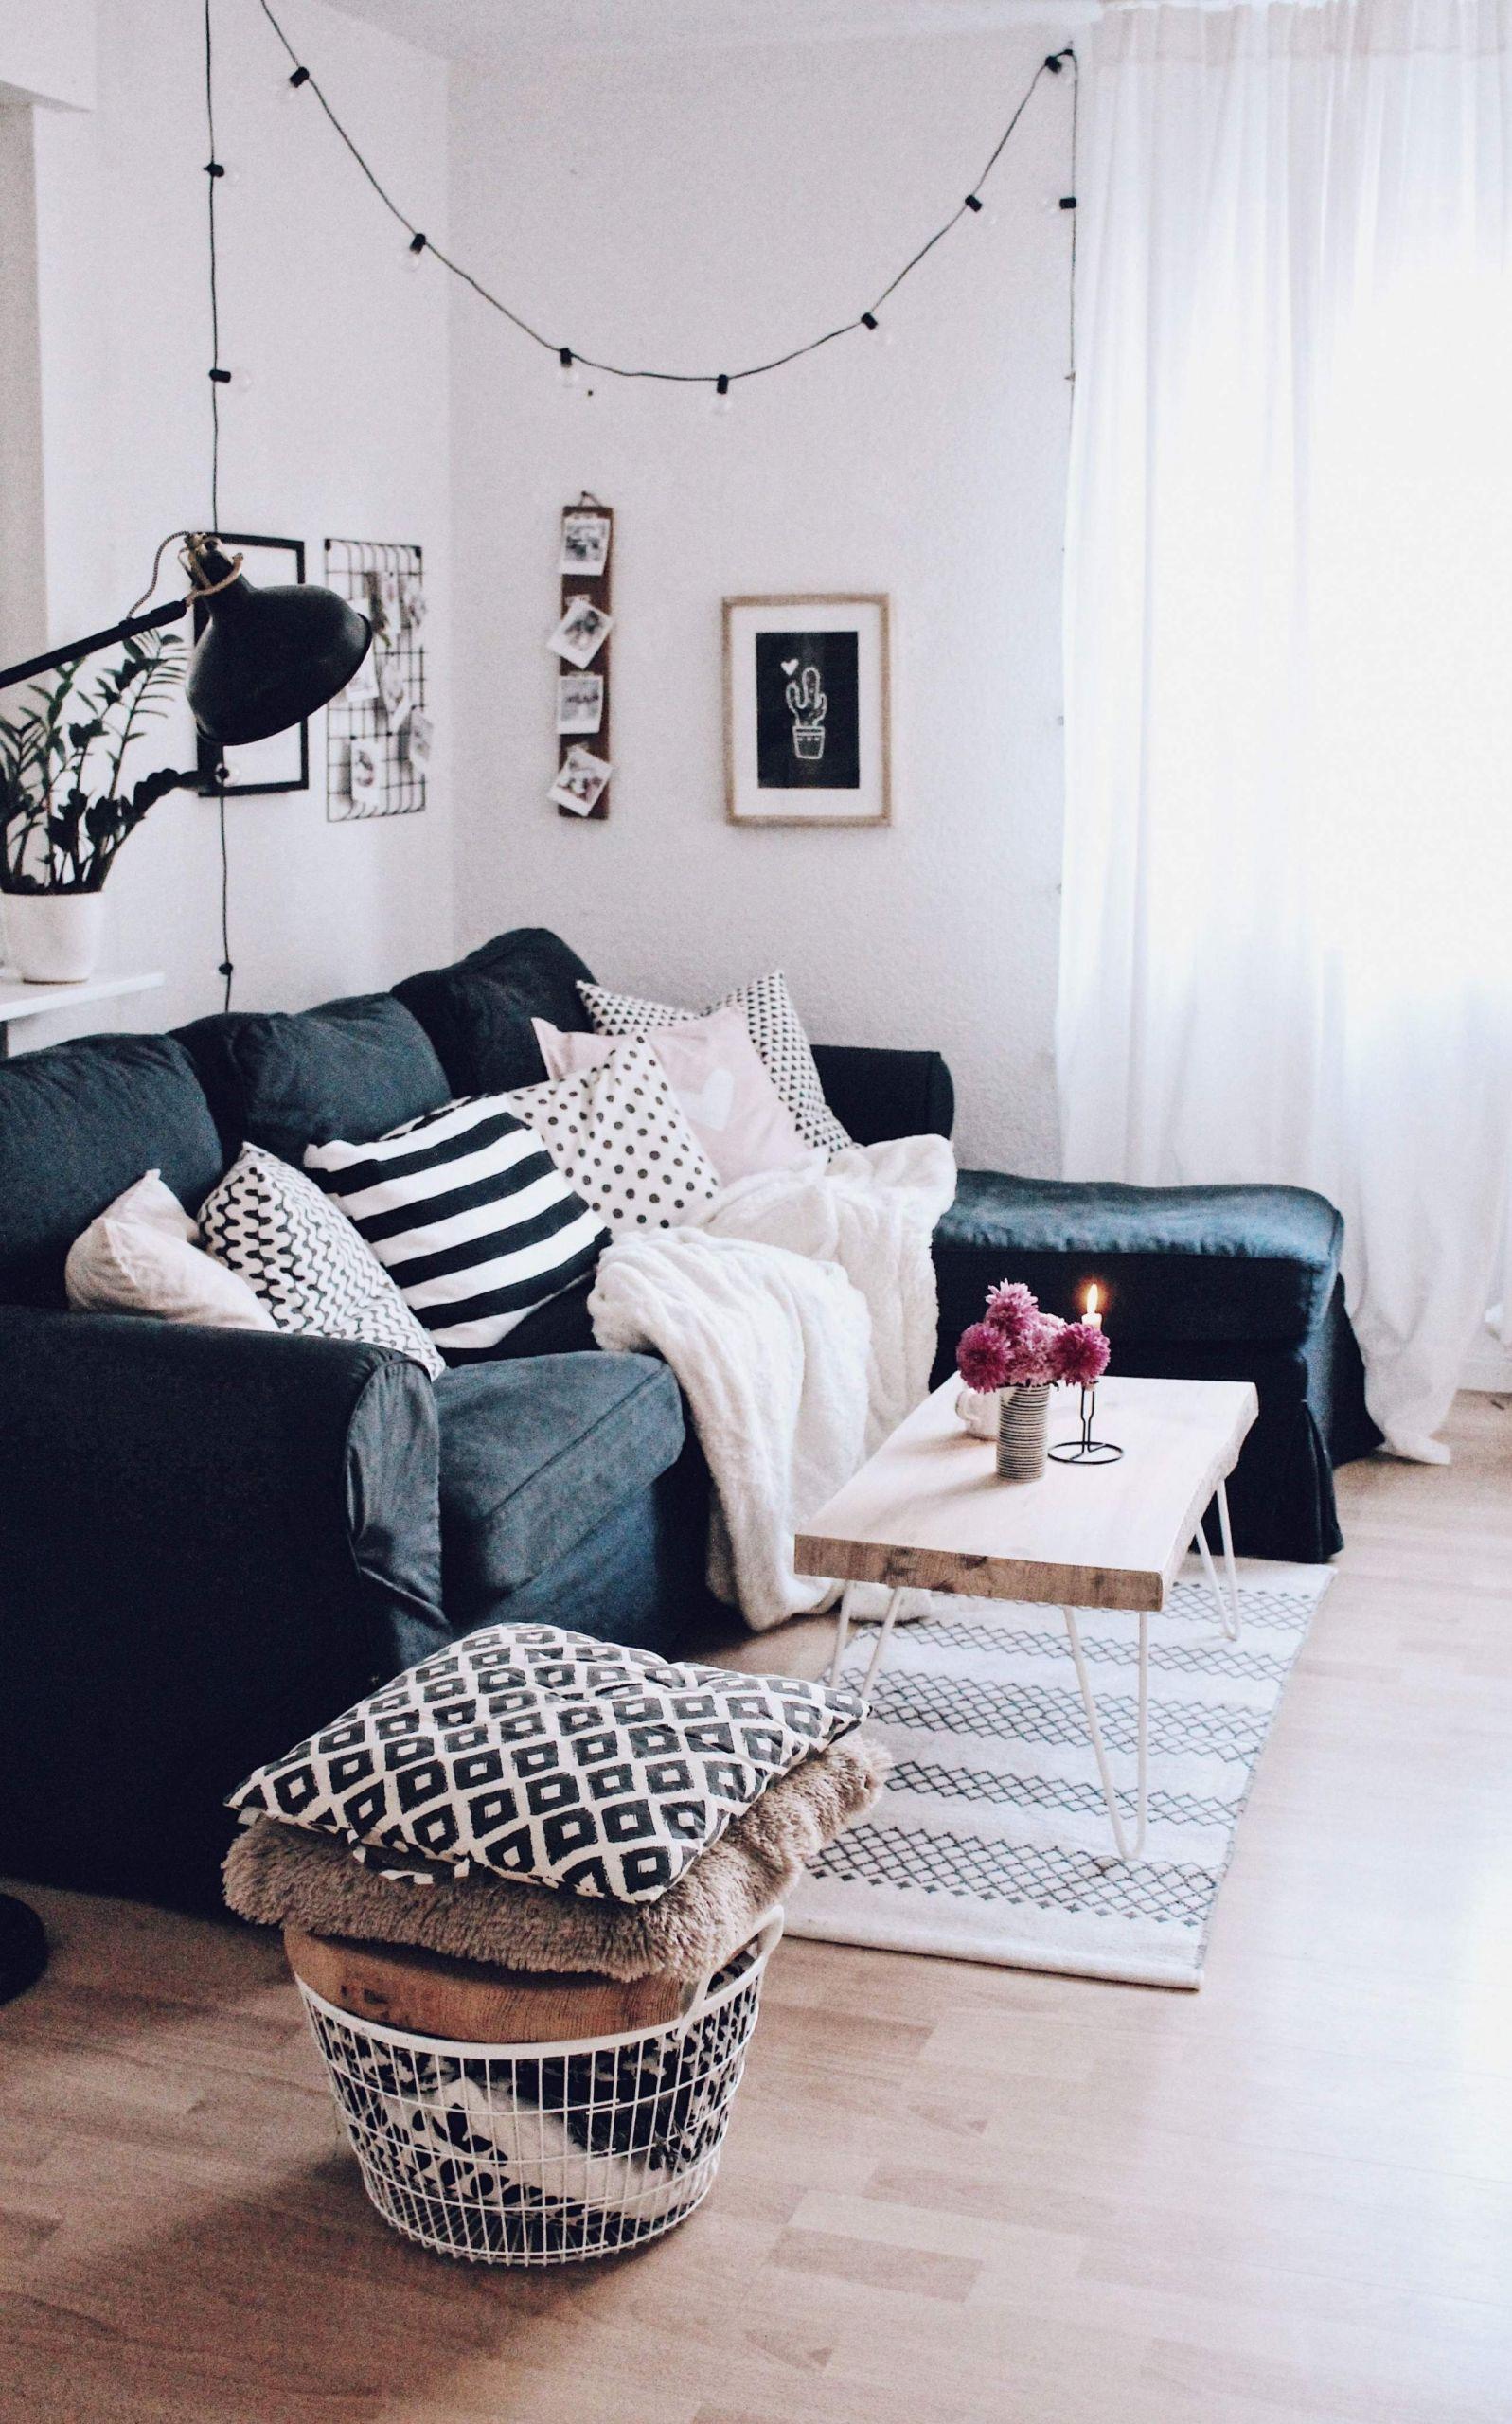 Full Size of Skandinavische Wohnzimmer Schn Skandinavisch Elegant Deckenlampe Schlafzimmer Bad Deckenlampen Bett Küche Für Esstisch Modern Wohnzimmer Deckenlampe Skandinavisch